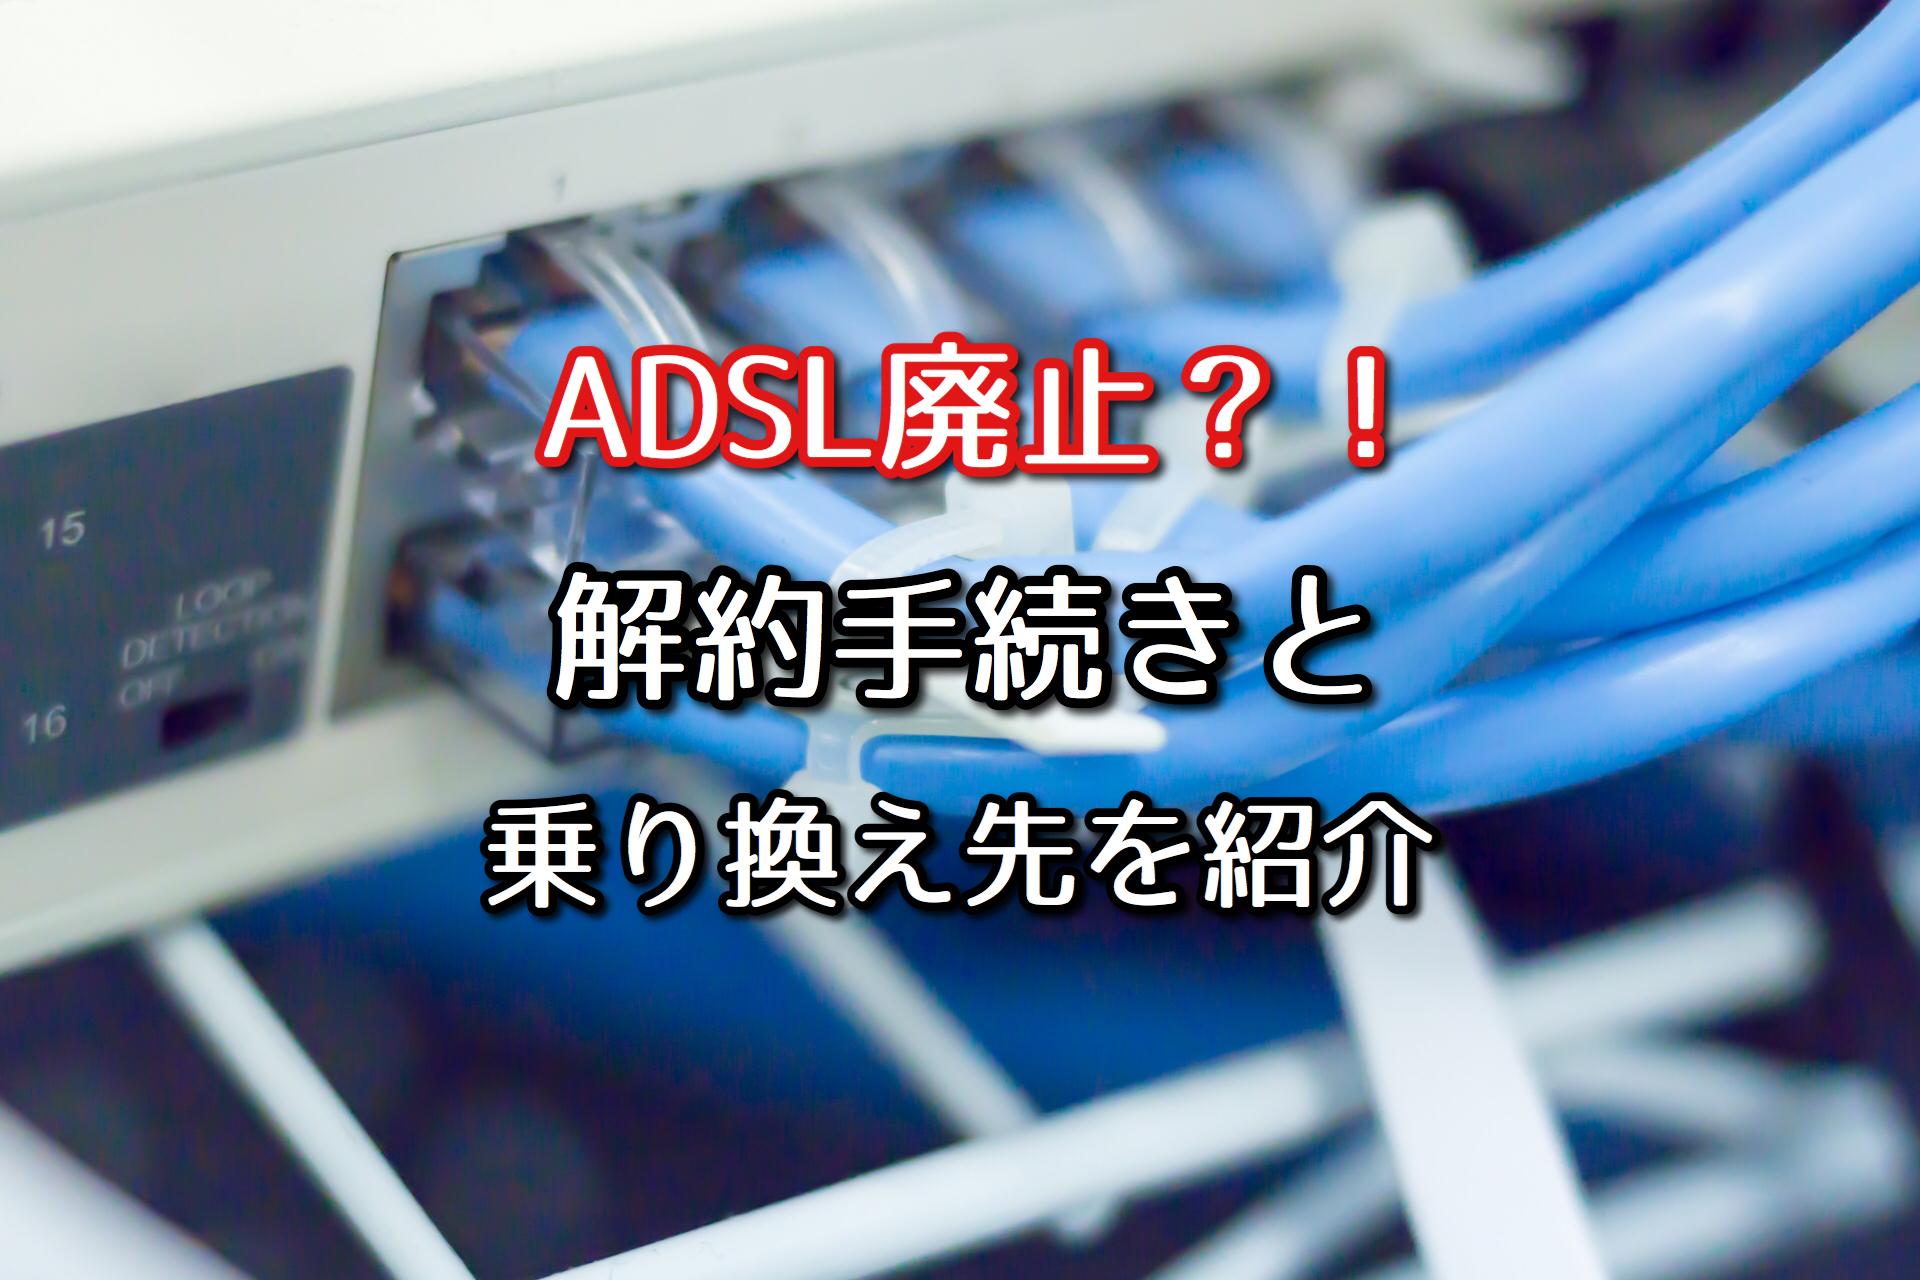 ADSLが廃止?サービス終了に伴う解約手続きと乗り換え先を紹介 ...